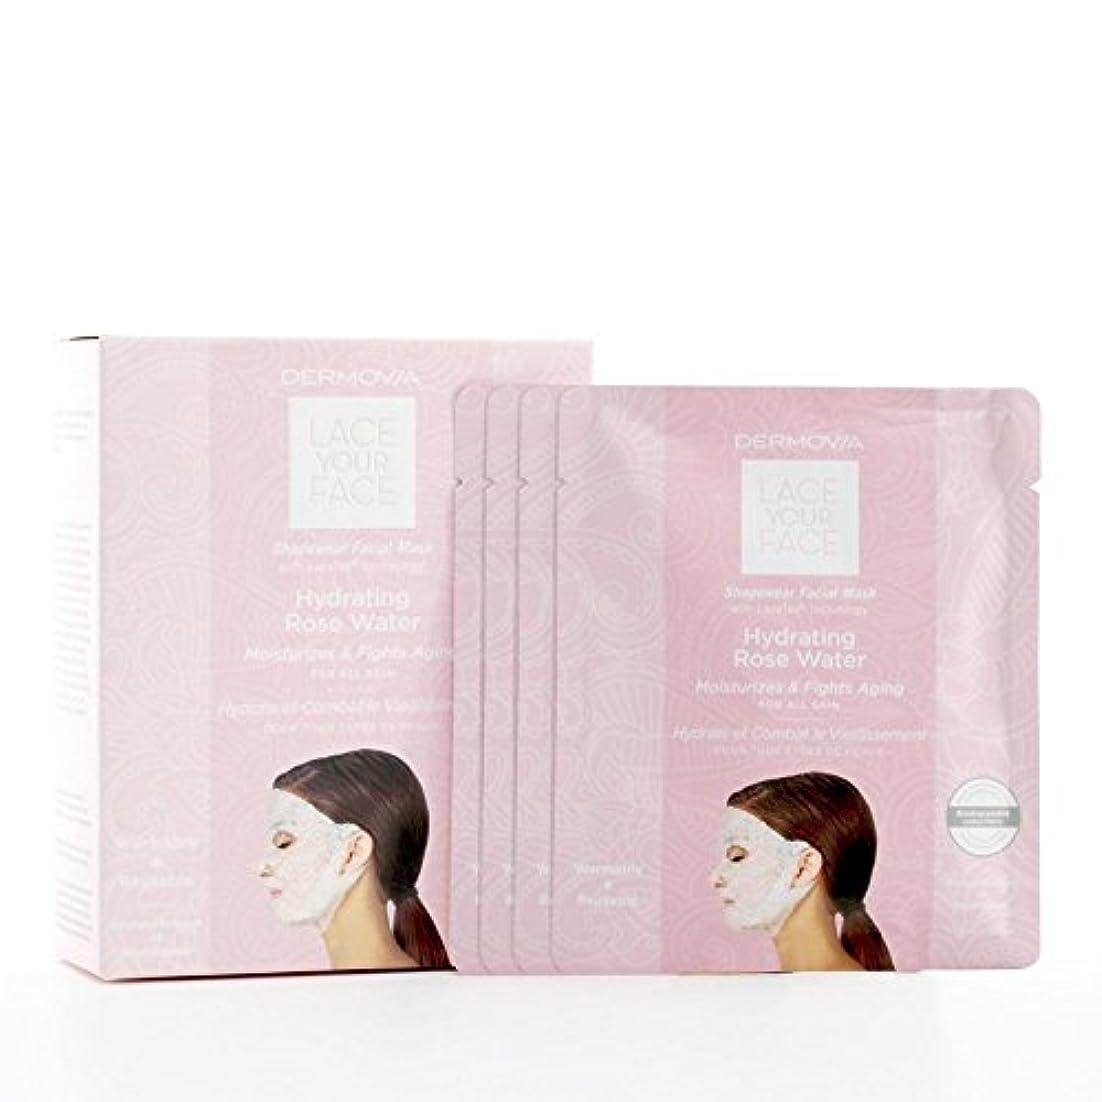 ブラウスラショナル確かなは、あなたの顔の圧縮フェイシャルマスク水和が水をバラレース x2 - Dermovia Lace Your Face Compression Facial Mask Hydrating Rose Water (Pack...